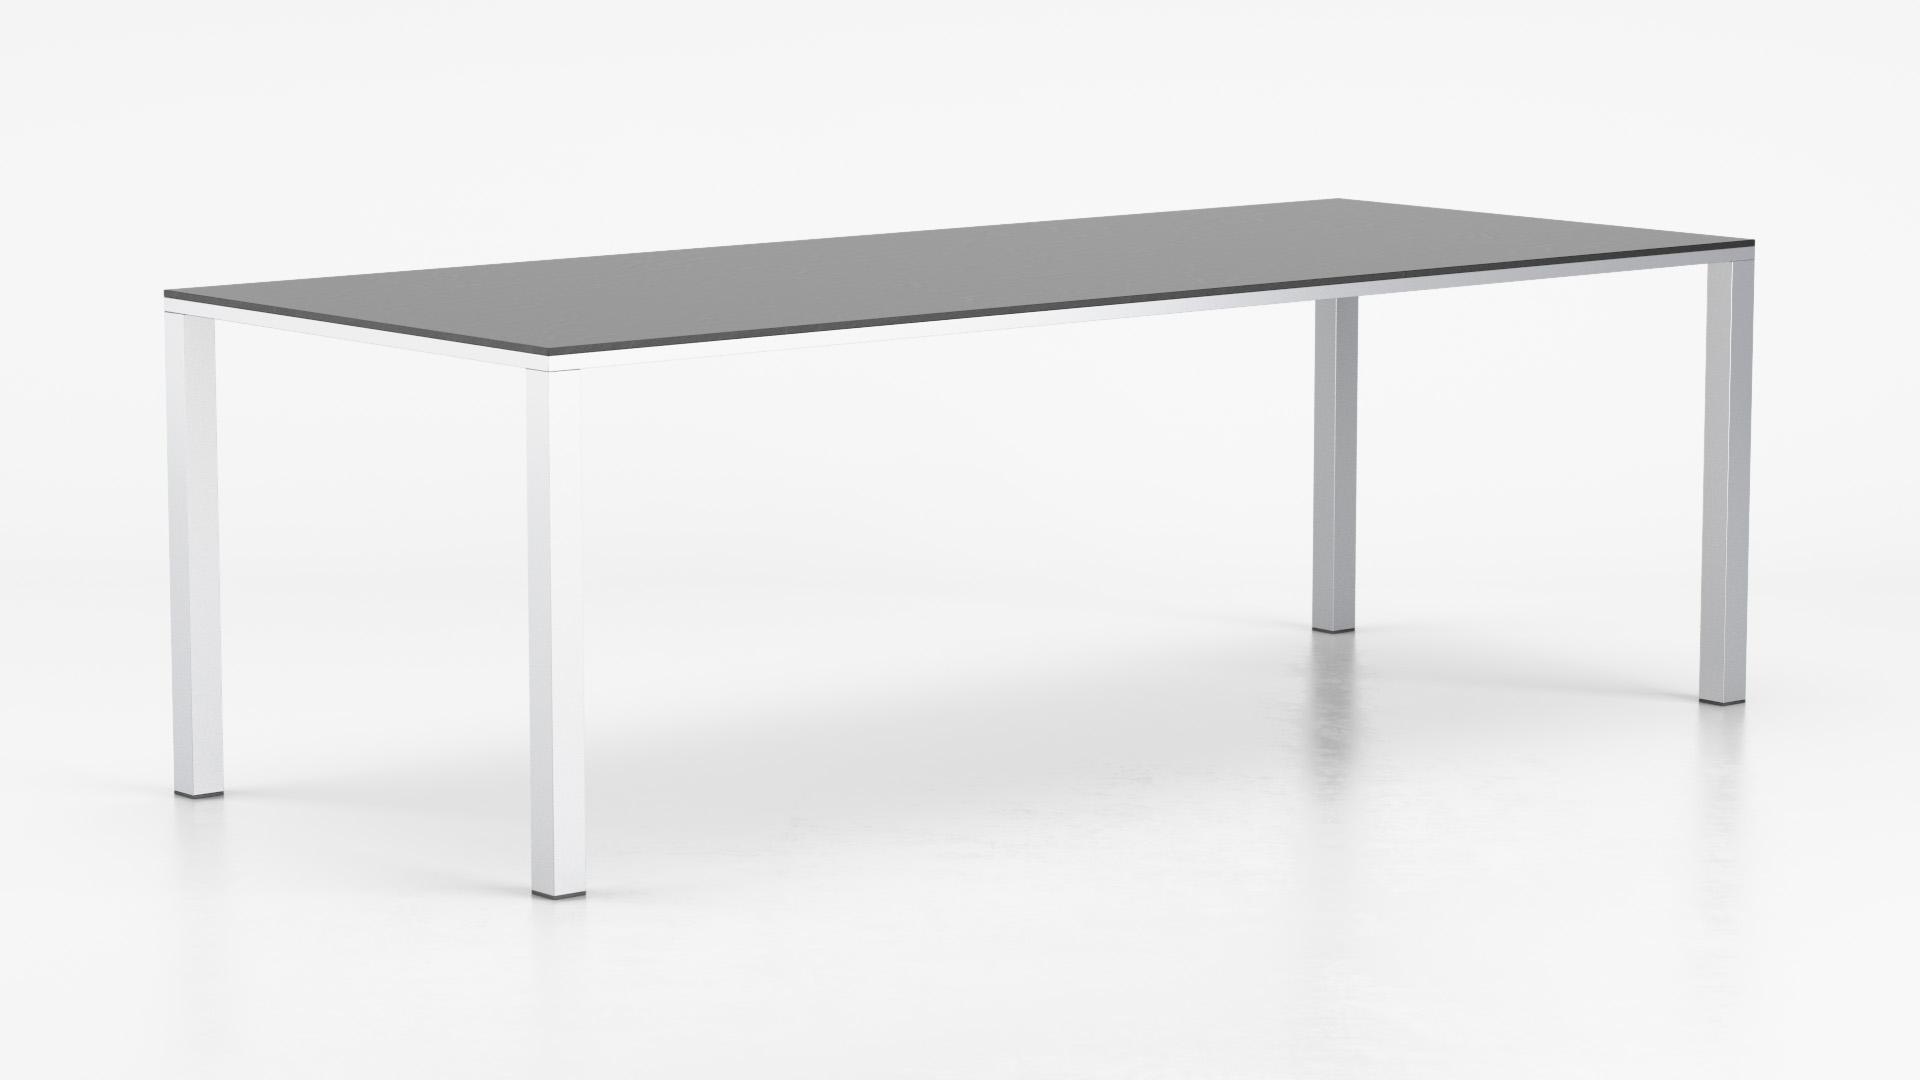 Tribu_Essentiel_Table_WhiteSet_01_0000